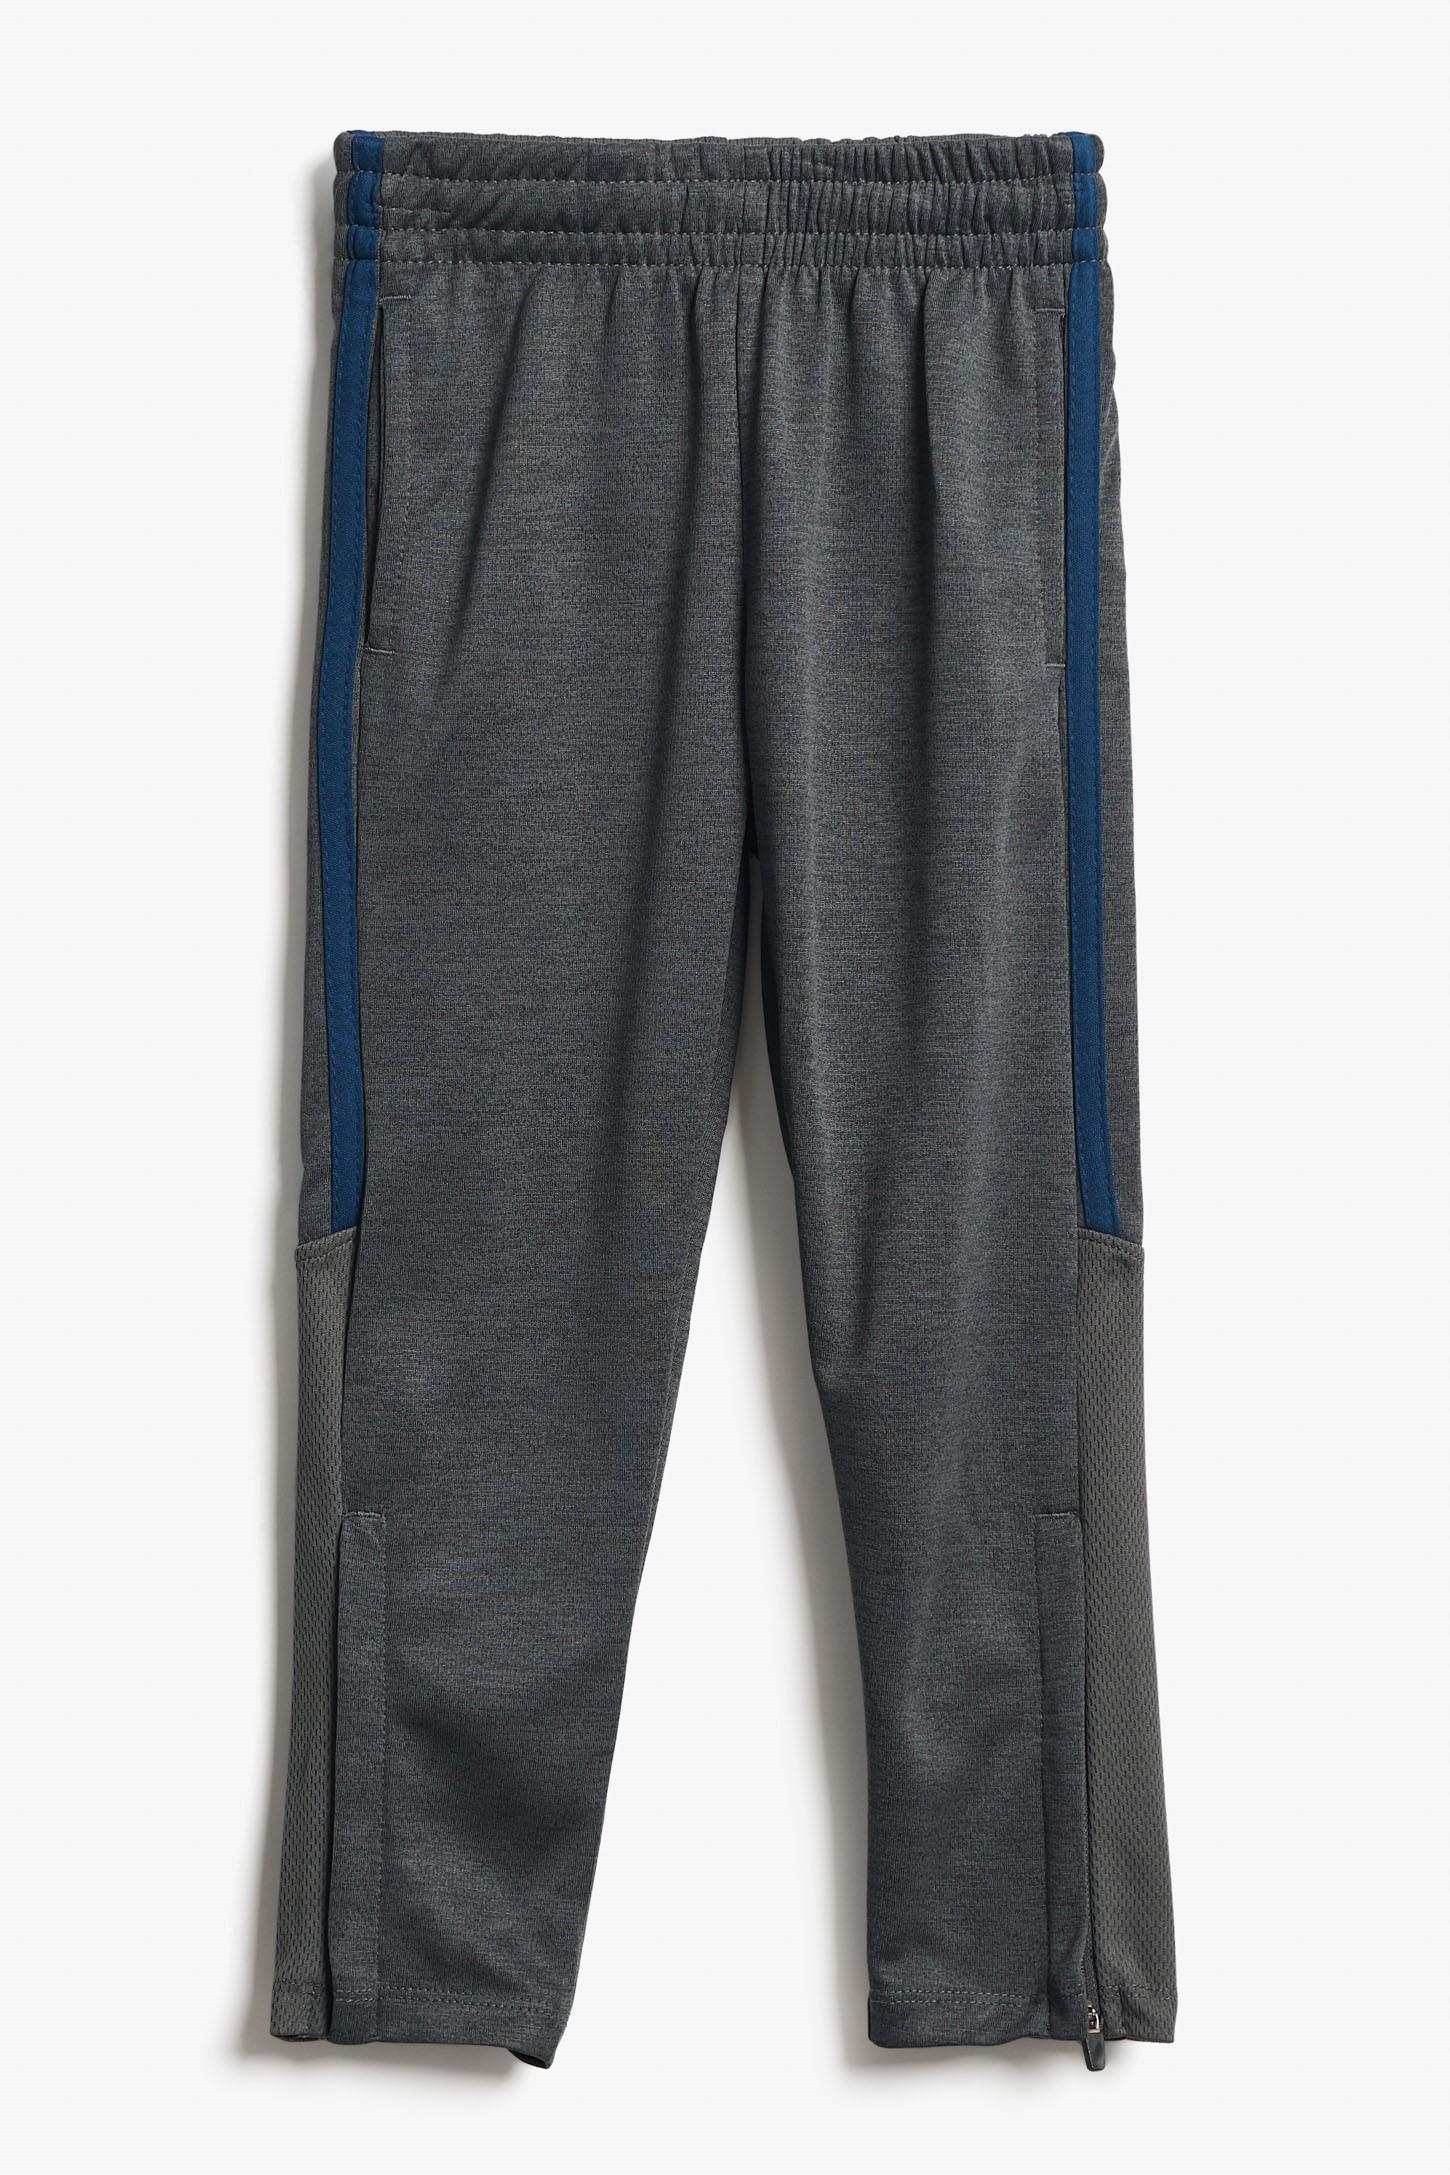 Erima Basic Fonctionnel Pantalon avec Zip int/égral Enfant